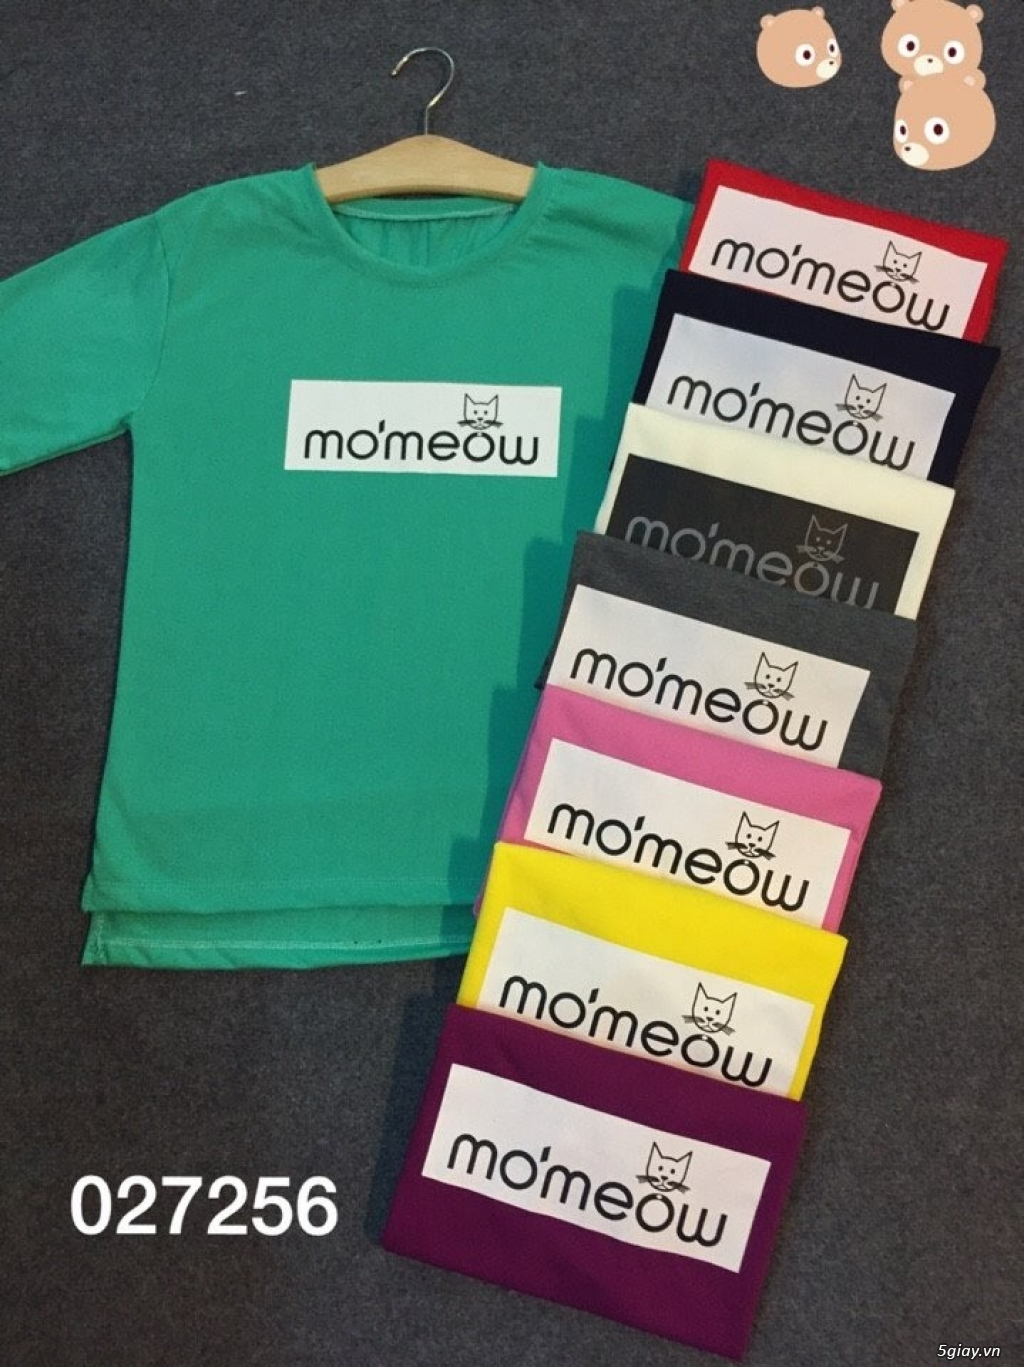 Bỏ sỉ áo thun mẹ & bé 10k - 15k - 20k giá rẻ, chất lượng tốt nhất  !!! - 26